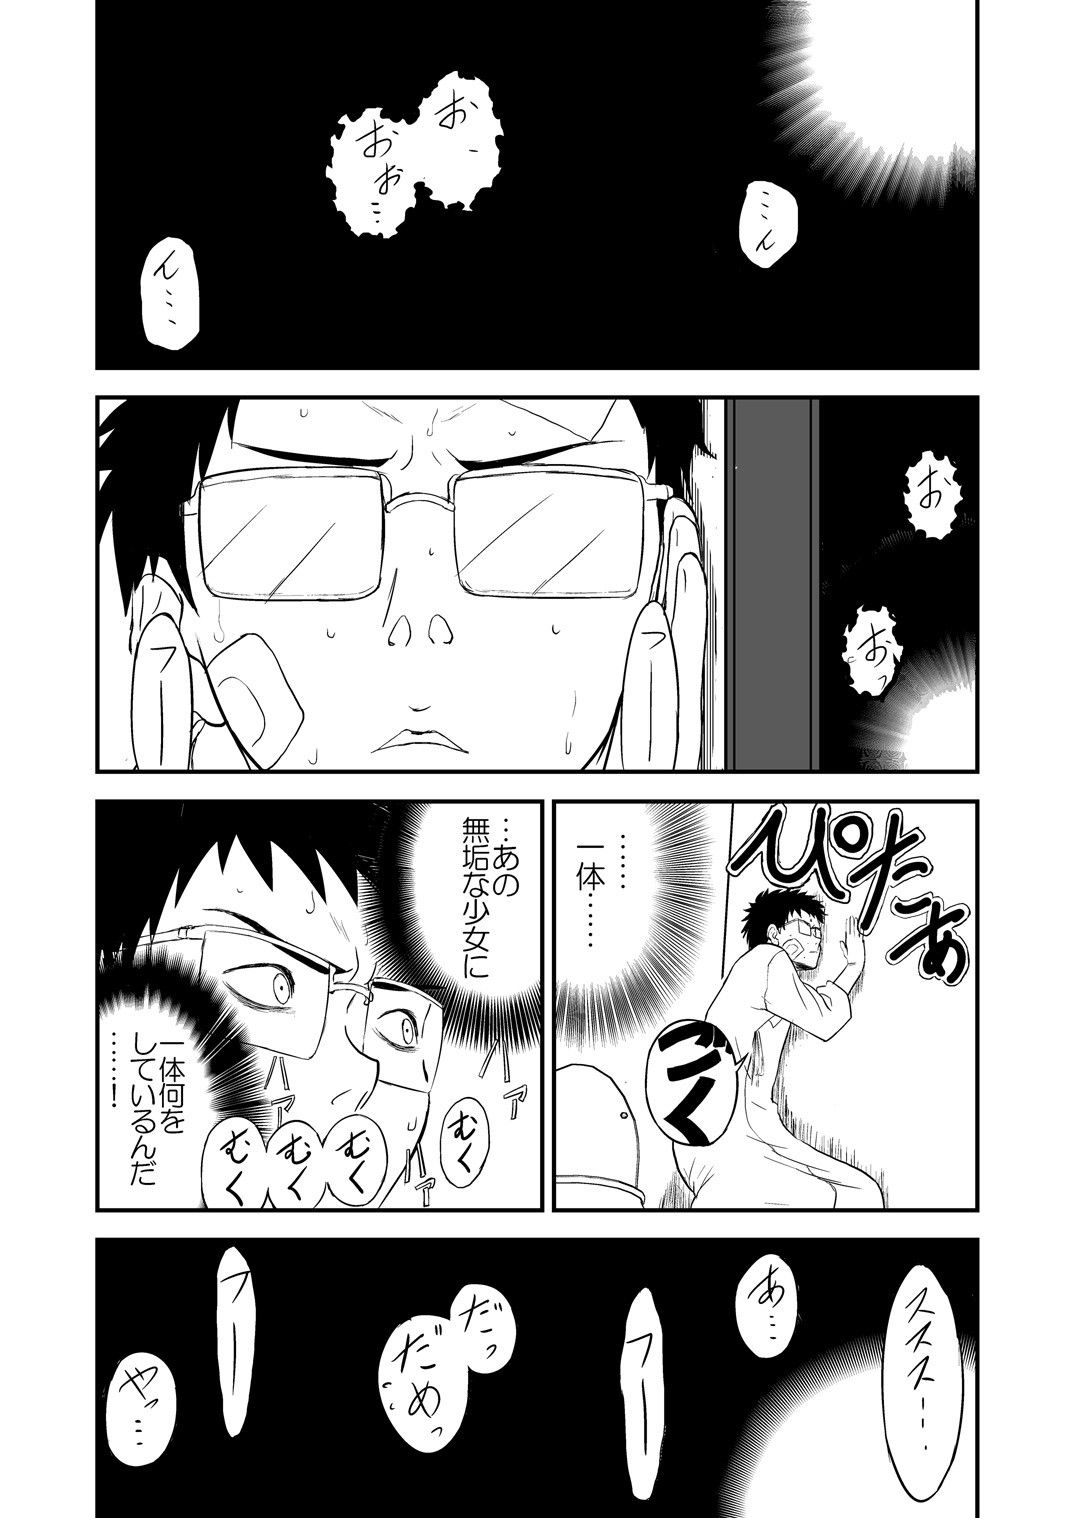 妄想名作蔵出し劇場その(2)「なんキテ弐」